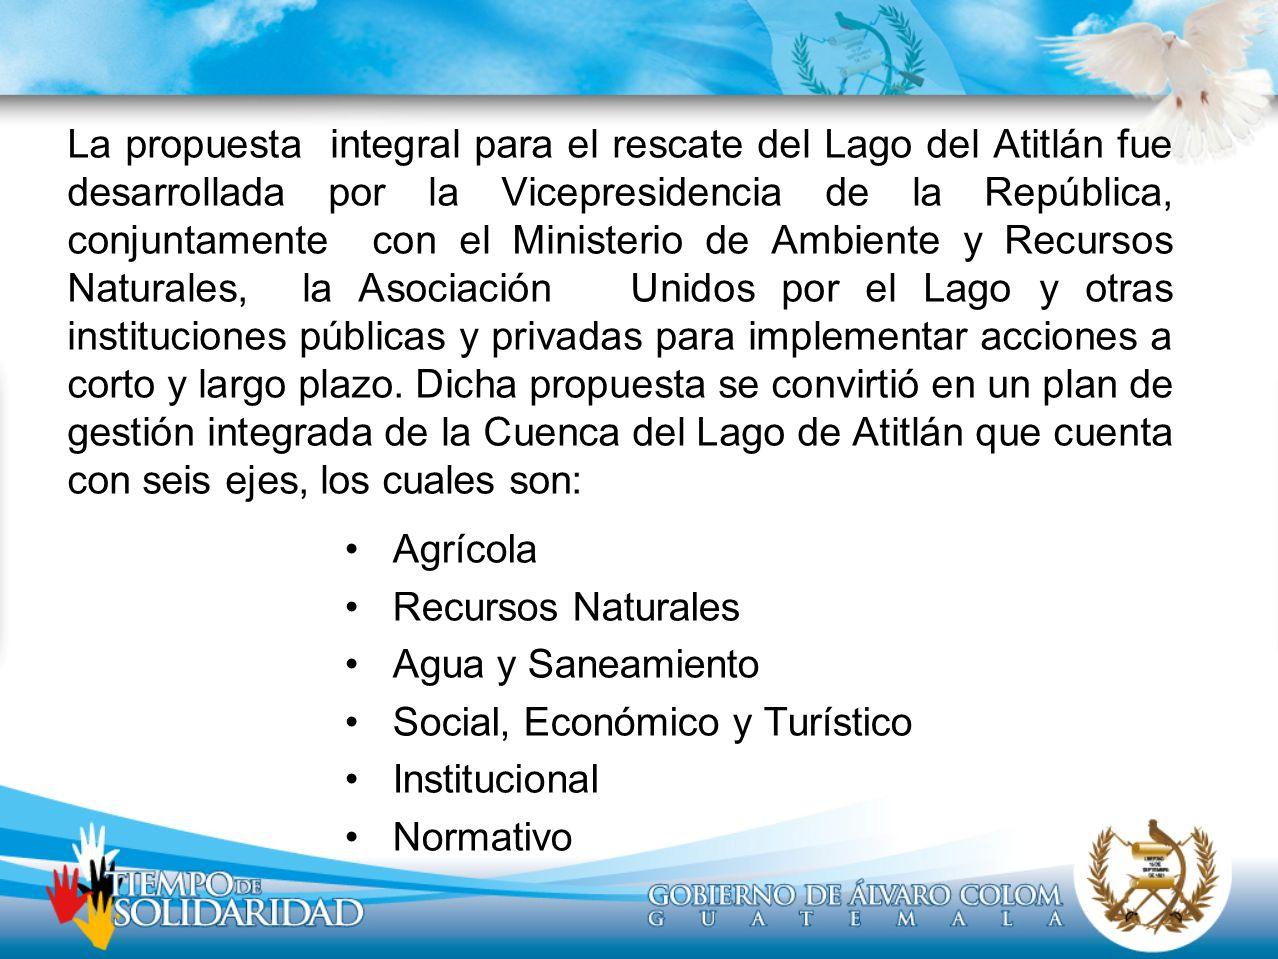 La propuesta integral para el rescate del Lago del Atitlán fue desarrollada por la Vicepresidencia de la República, conjuntamente con el Ministerio de Ambiente y Recursos Naturales, la Asociación Unidos por el Lago y otras instituciones públicas y privadas para implementar acciones a corto y largo plazo. Dicha propuesta se convirtió en un plan de gestión integrada de la Cuenca del Lago de Atitlán que cuenta con seis ejes, los cuales son: